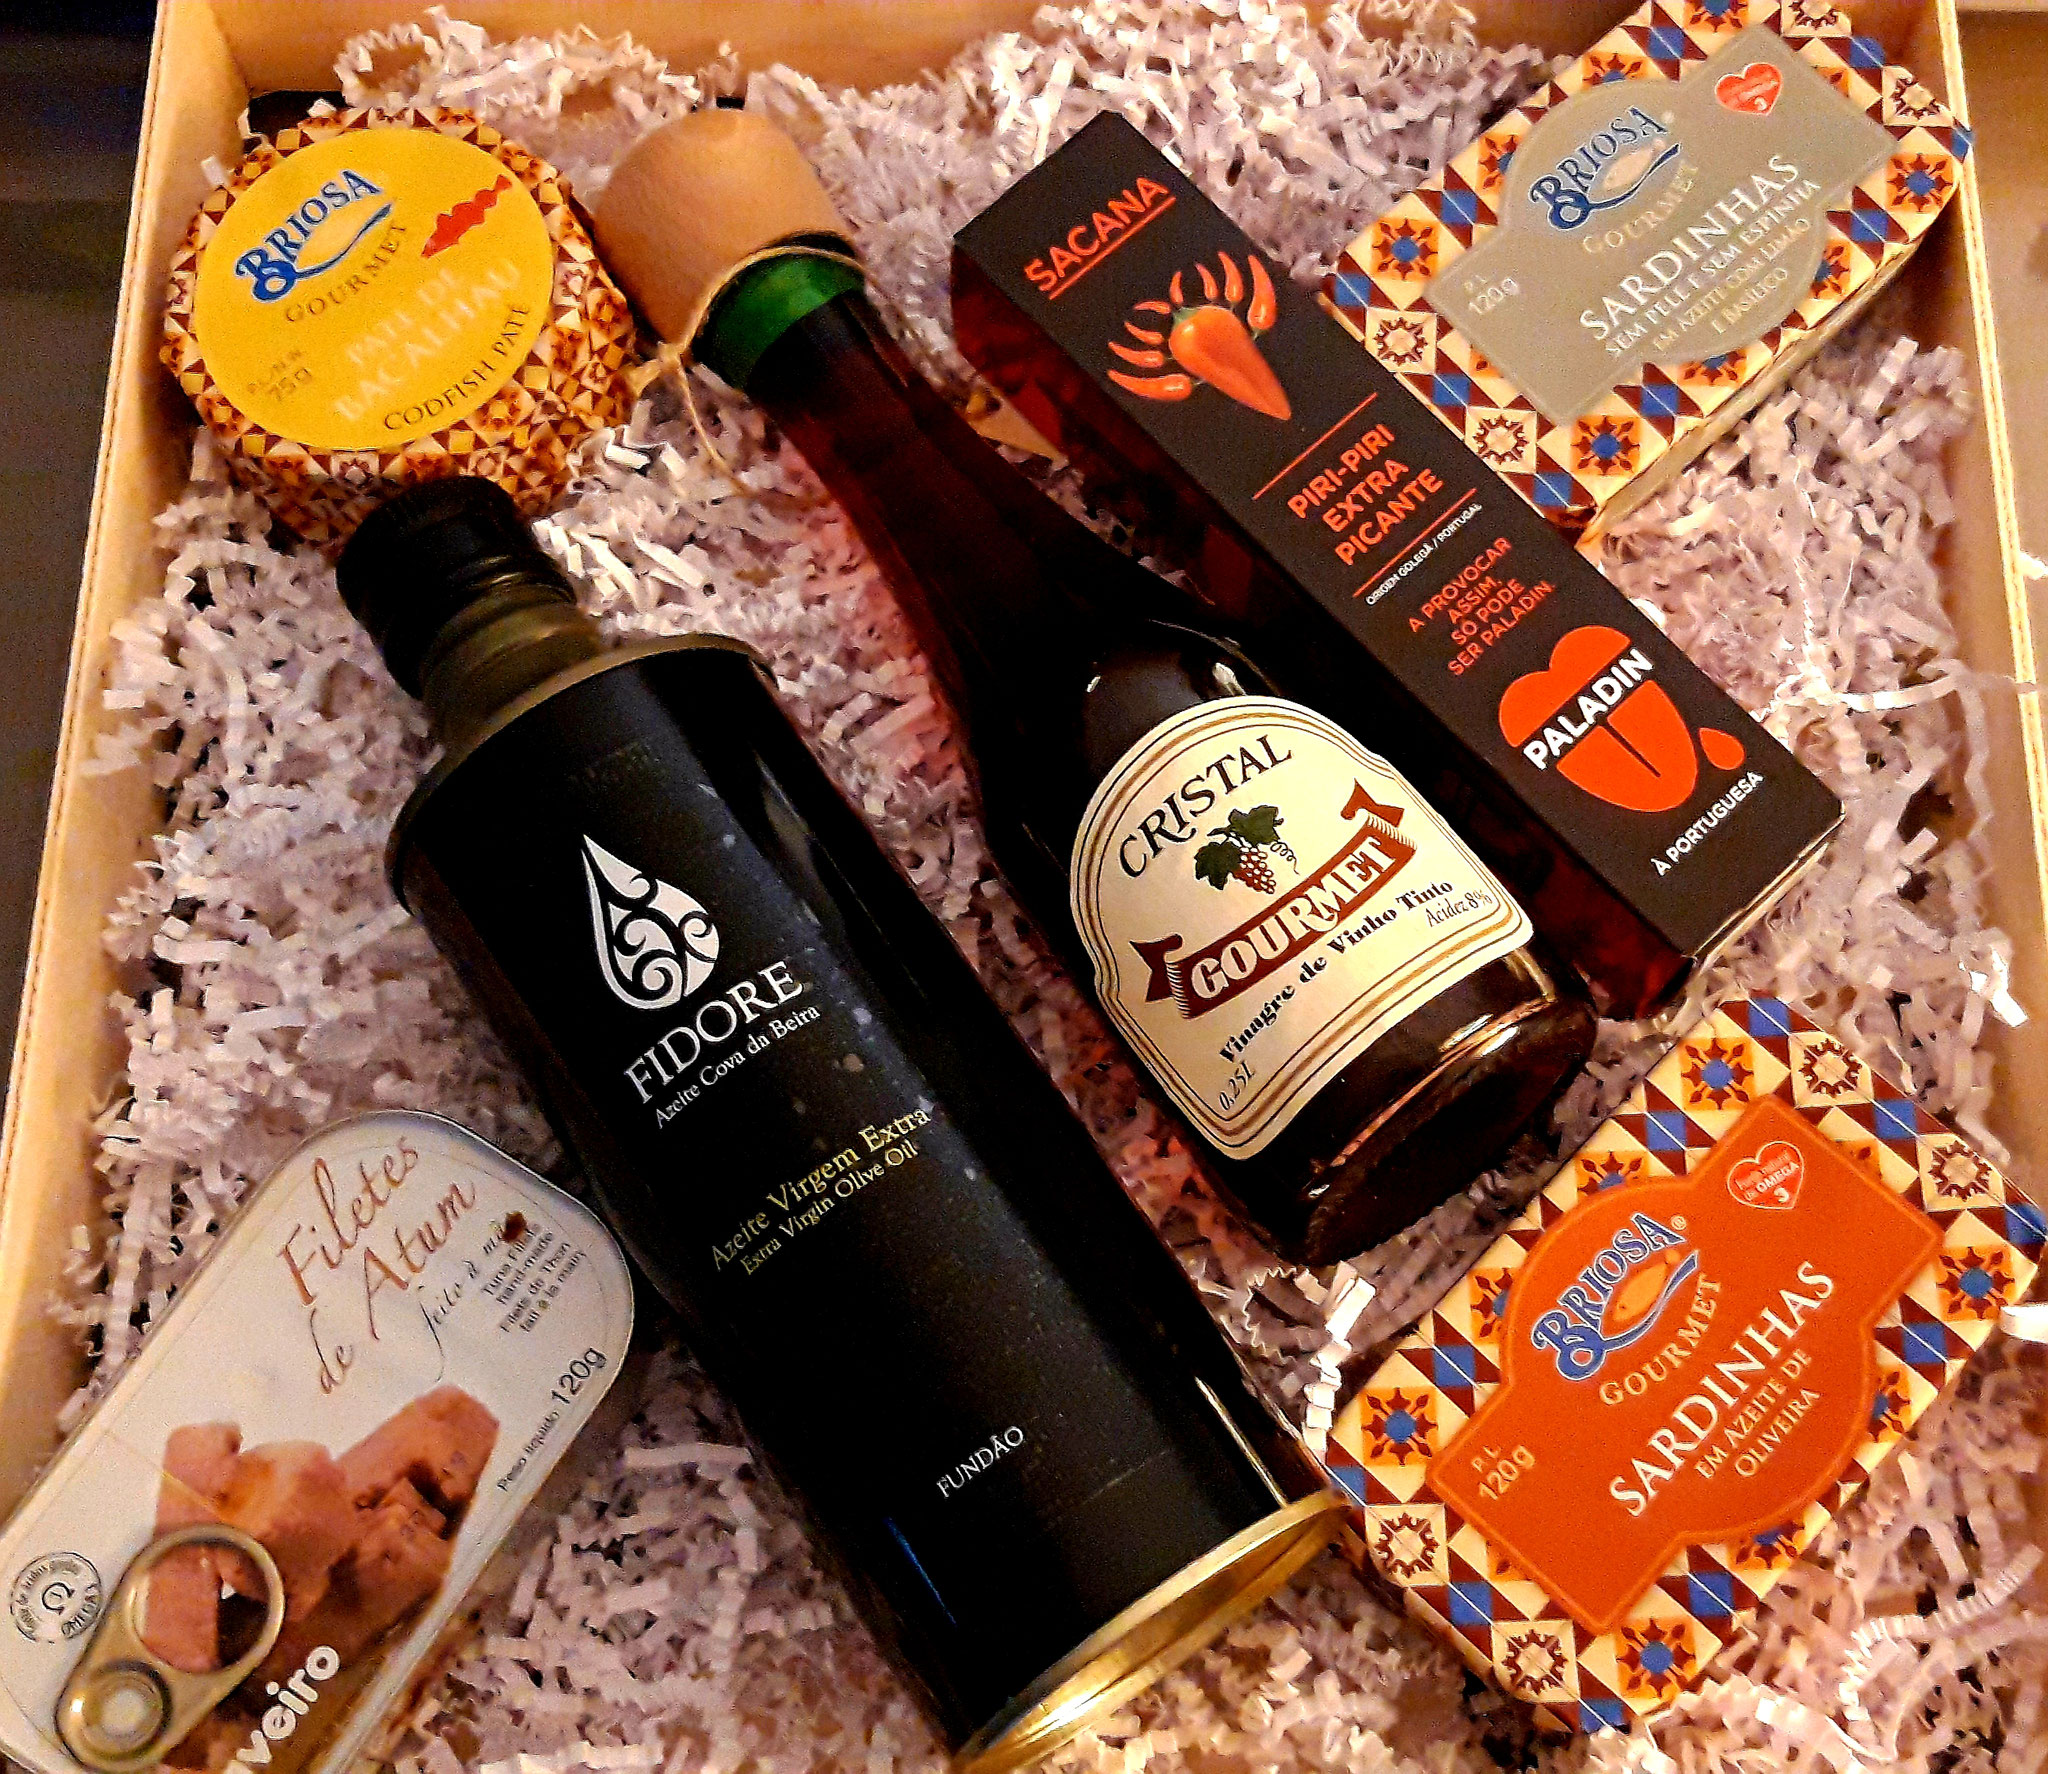 Coffret Huile d'Olive, Vinaigre Gourmet, Piri Piri, Conserve